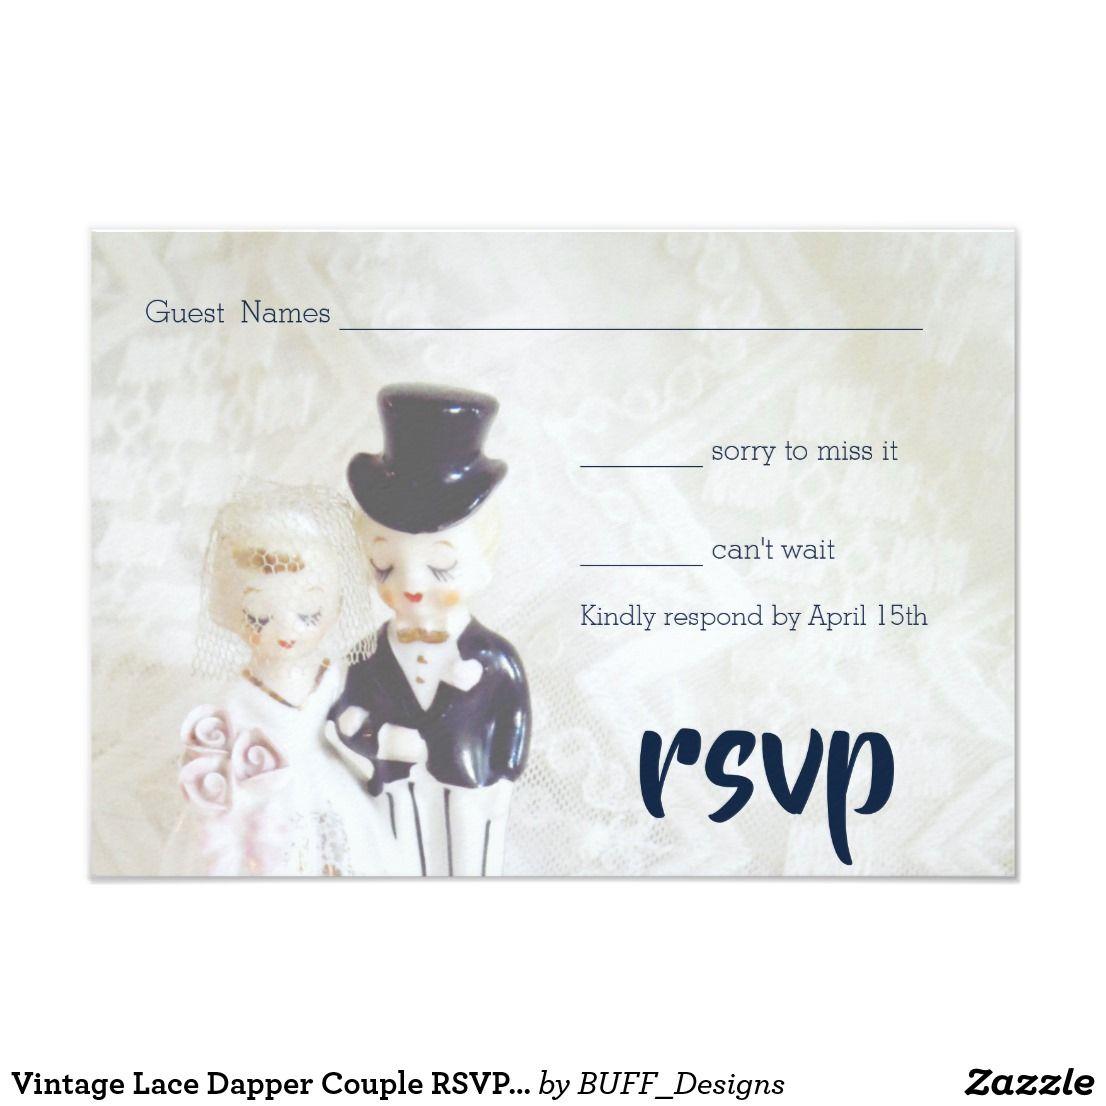 Lace dress vintage april 2019 Vintage Lace Dapper Couple RSVP Cards  vintage lace wedding